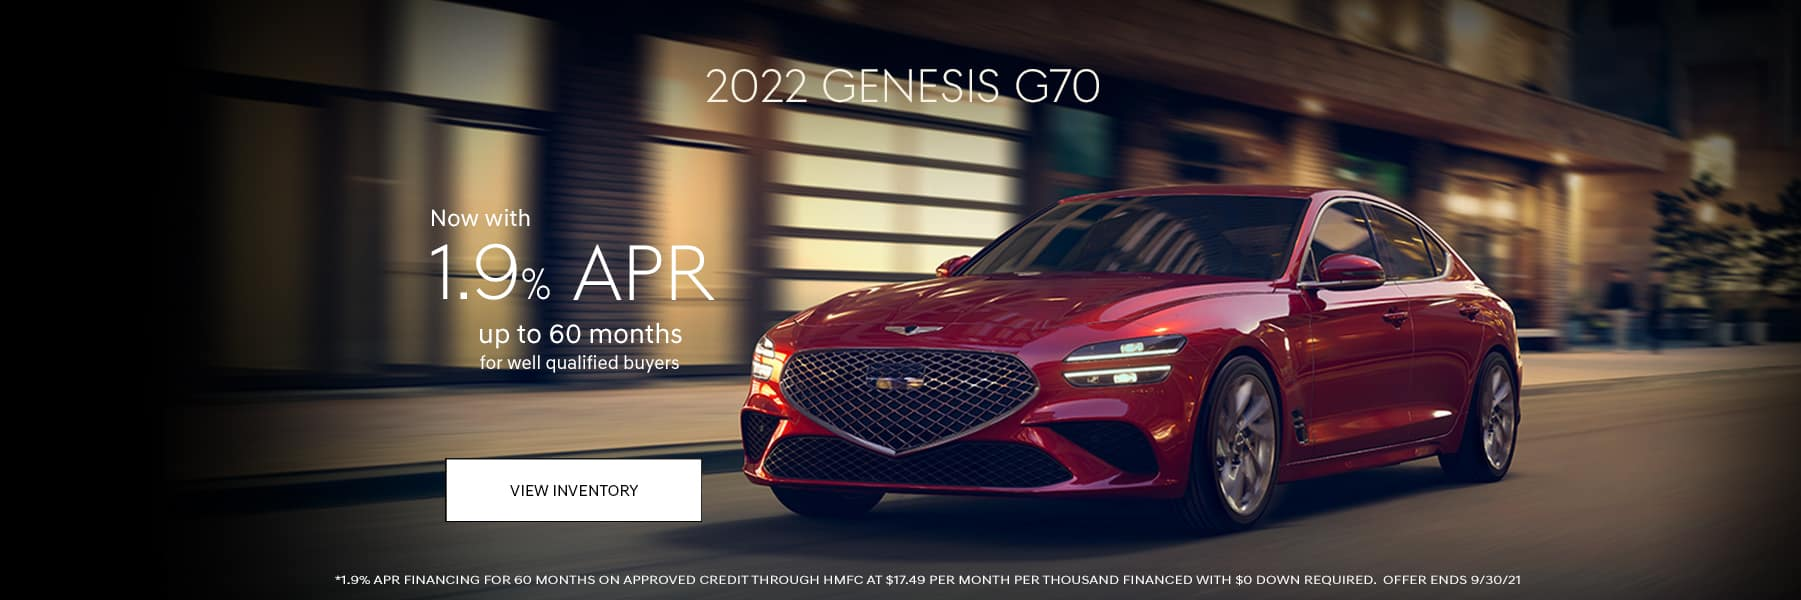 2022-Genesis-G70-Sep21